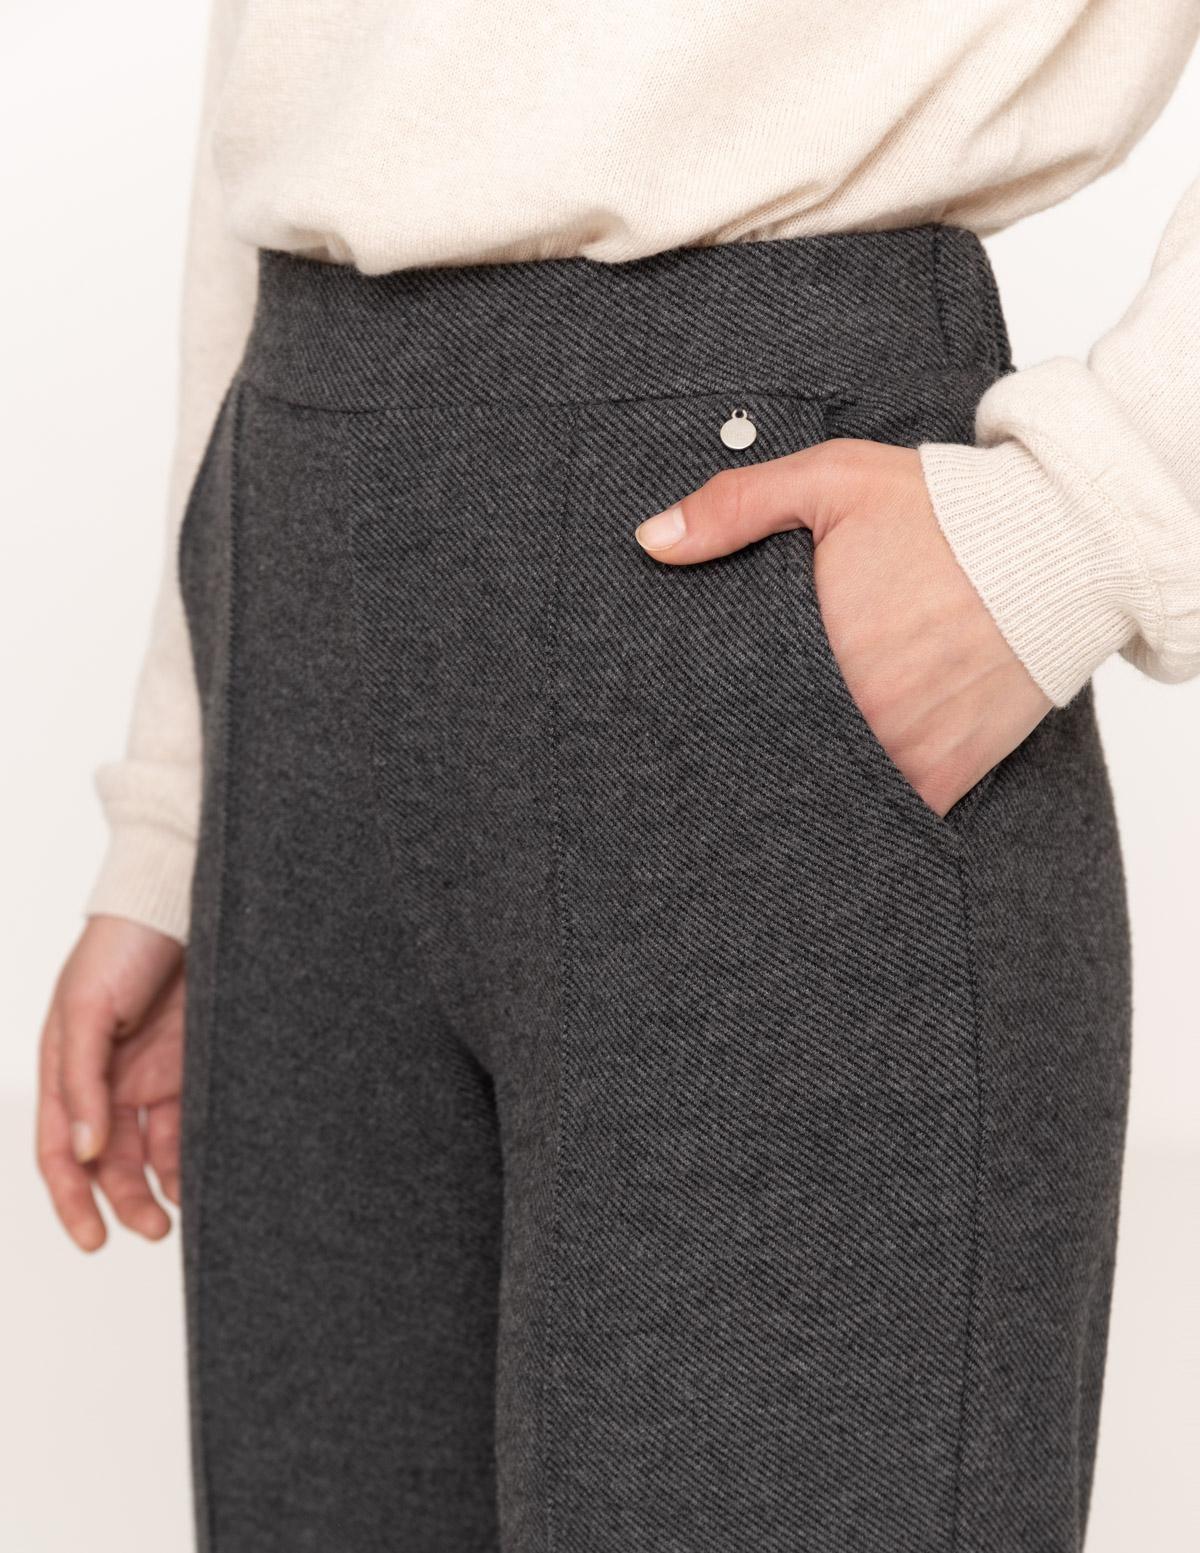 Pantalón recto largo - Ítem3